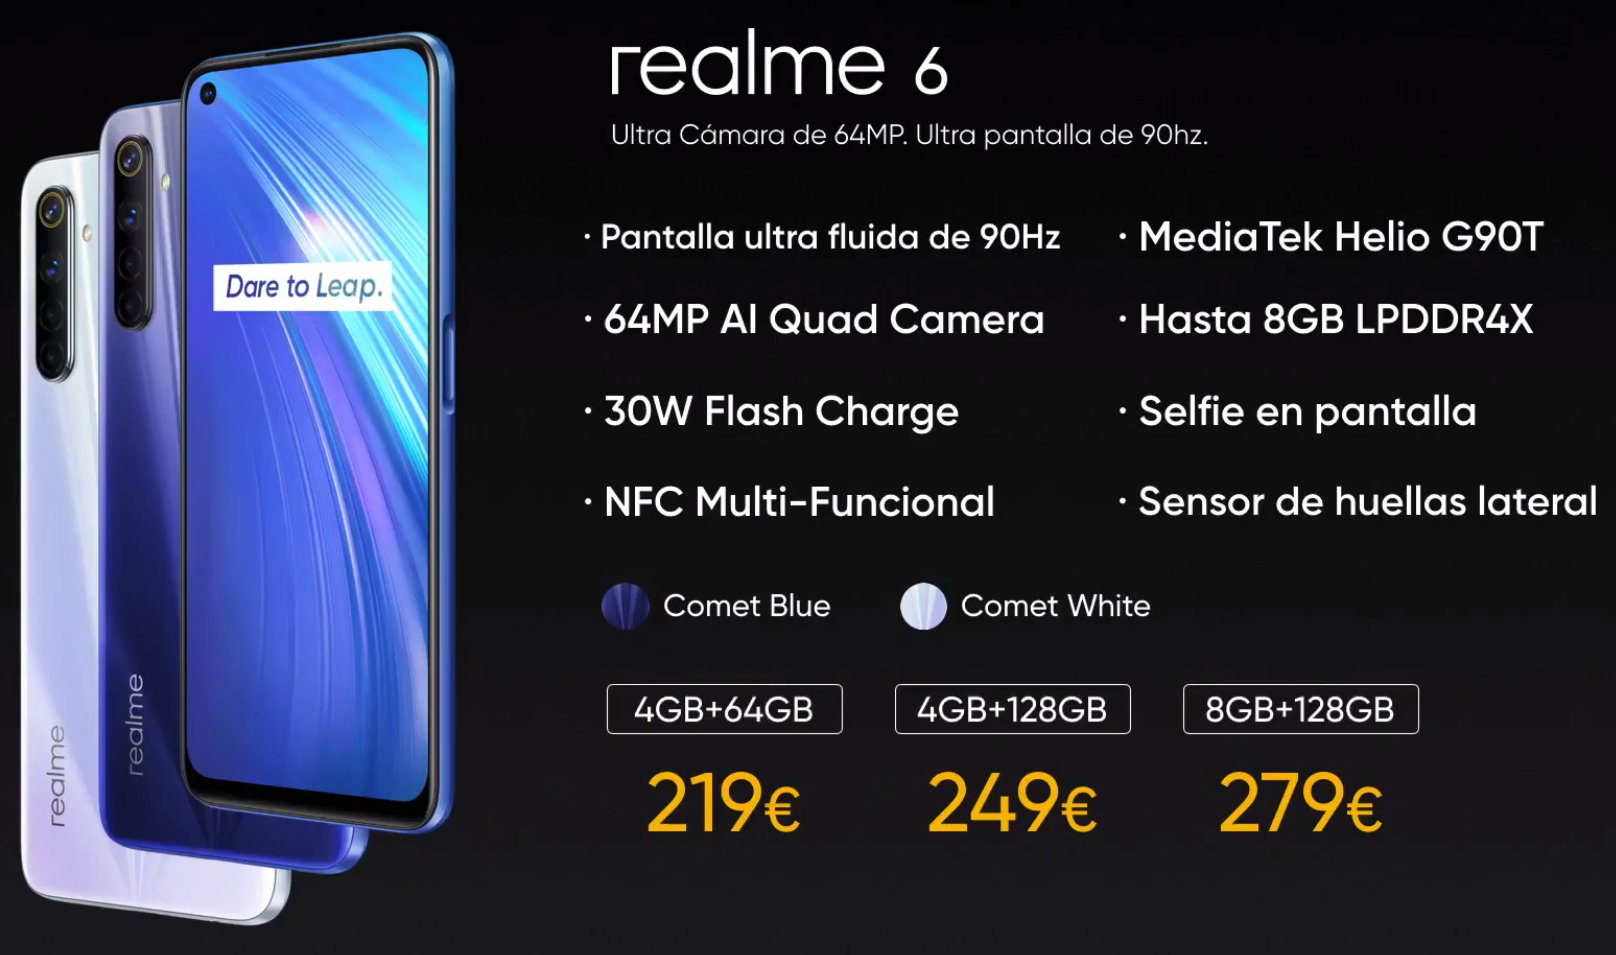 Realme presenta en España sus nuevos smartphones series 6 y el gama de entrada C3 40